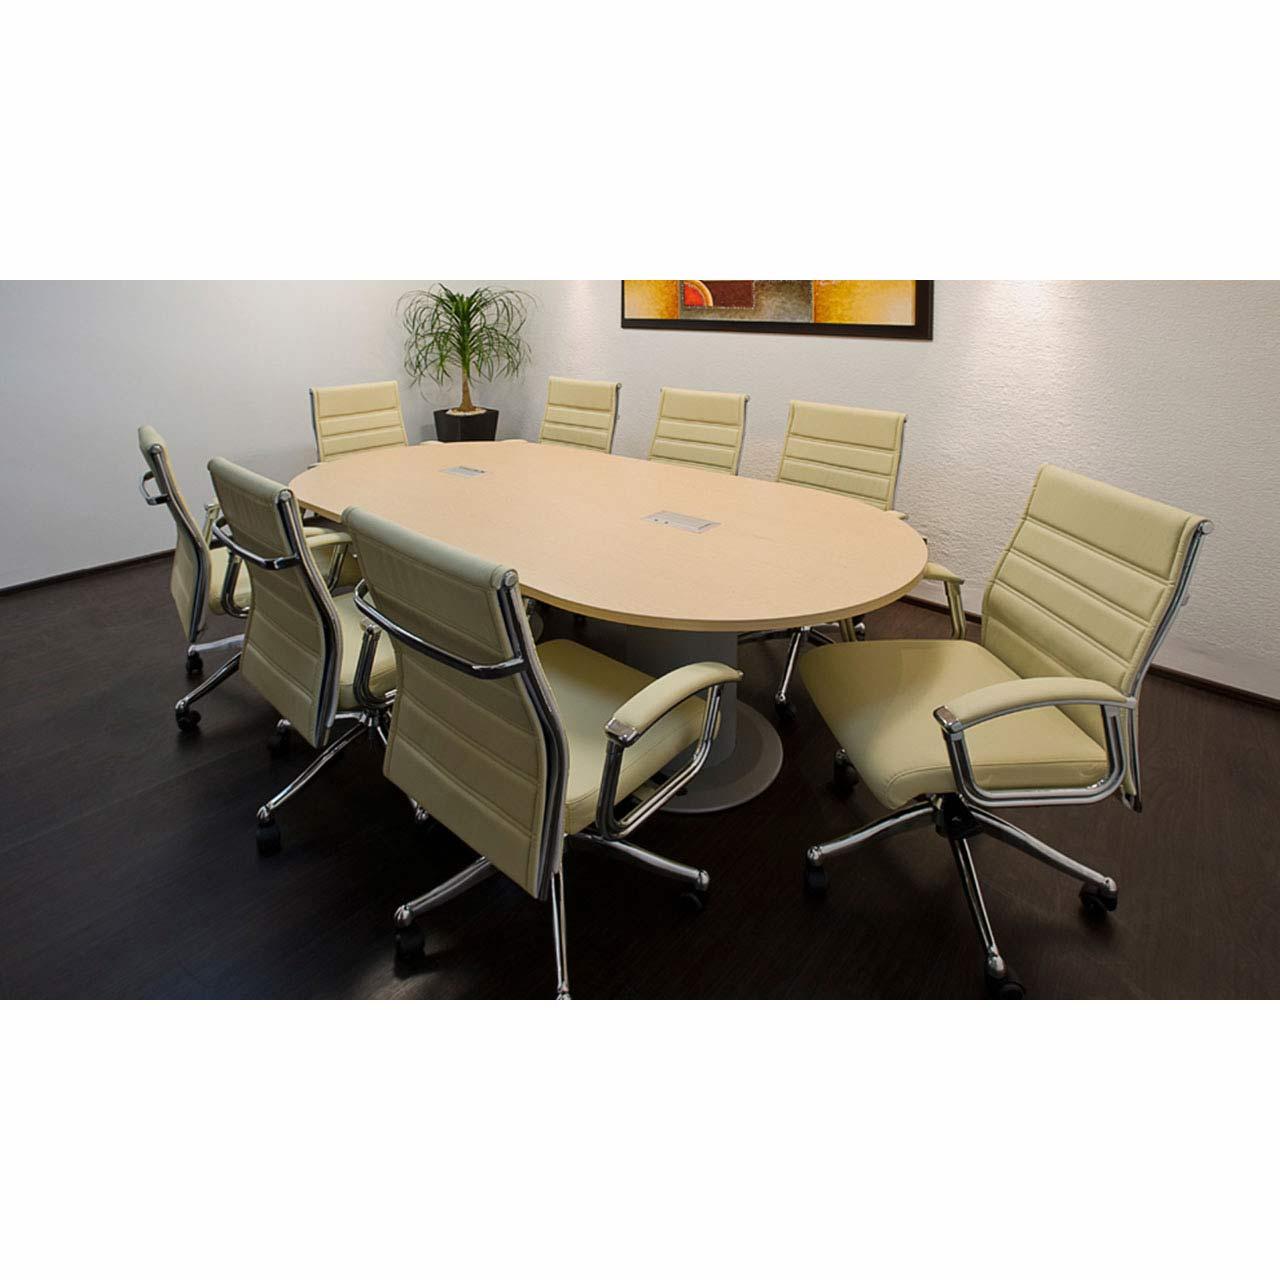 Mesa de juntas oval vid grupo meta soluciones de for Pedestales metalicos para mesas